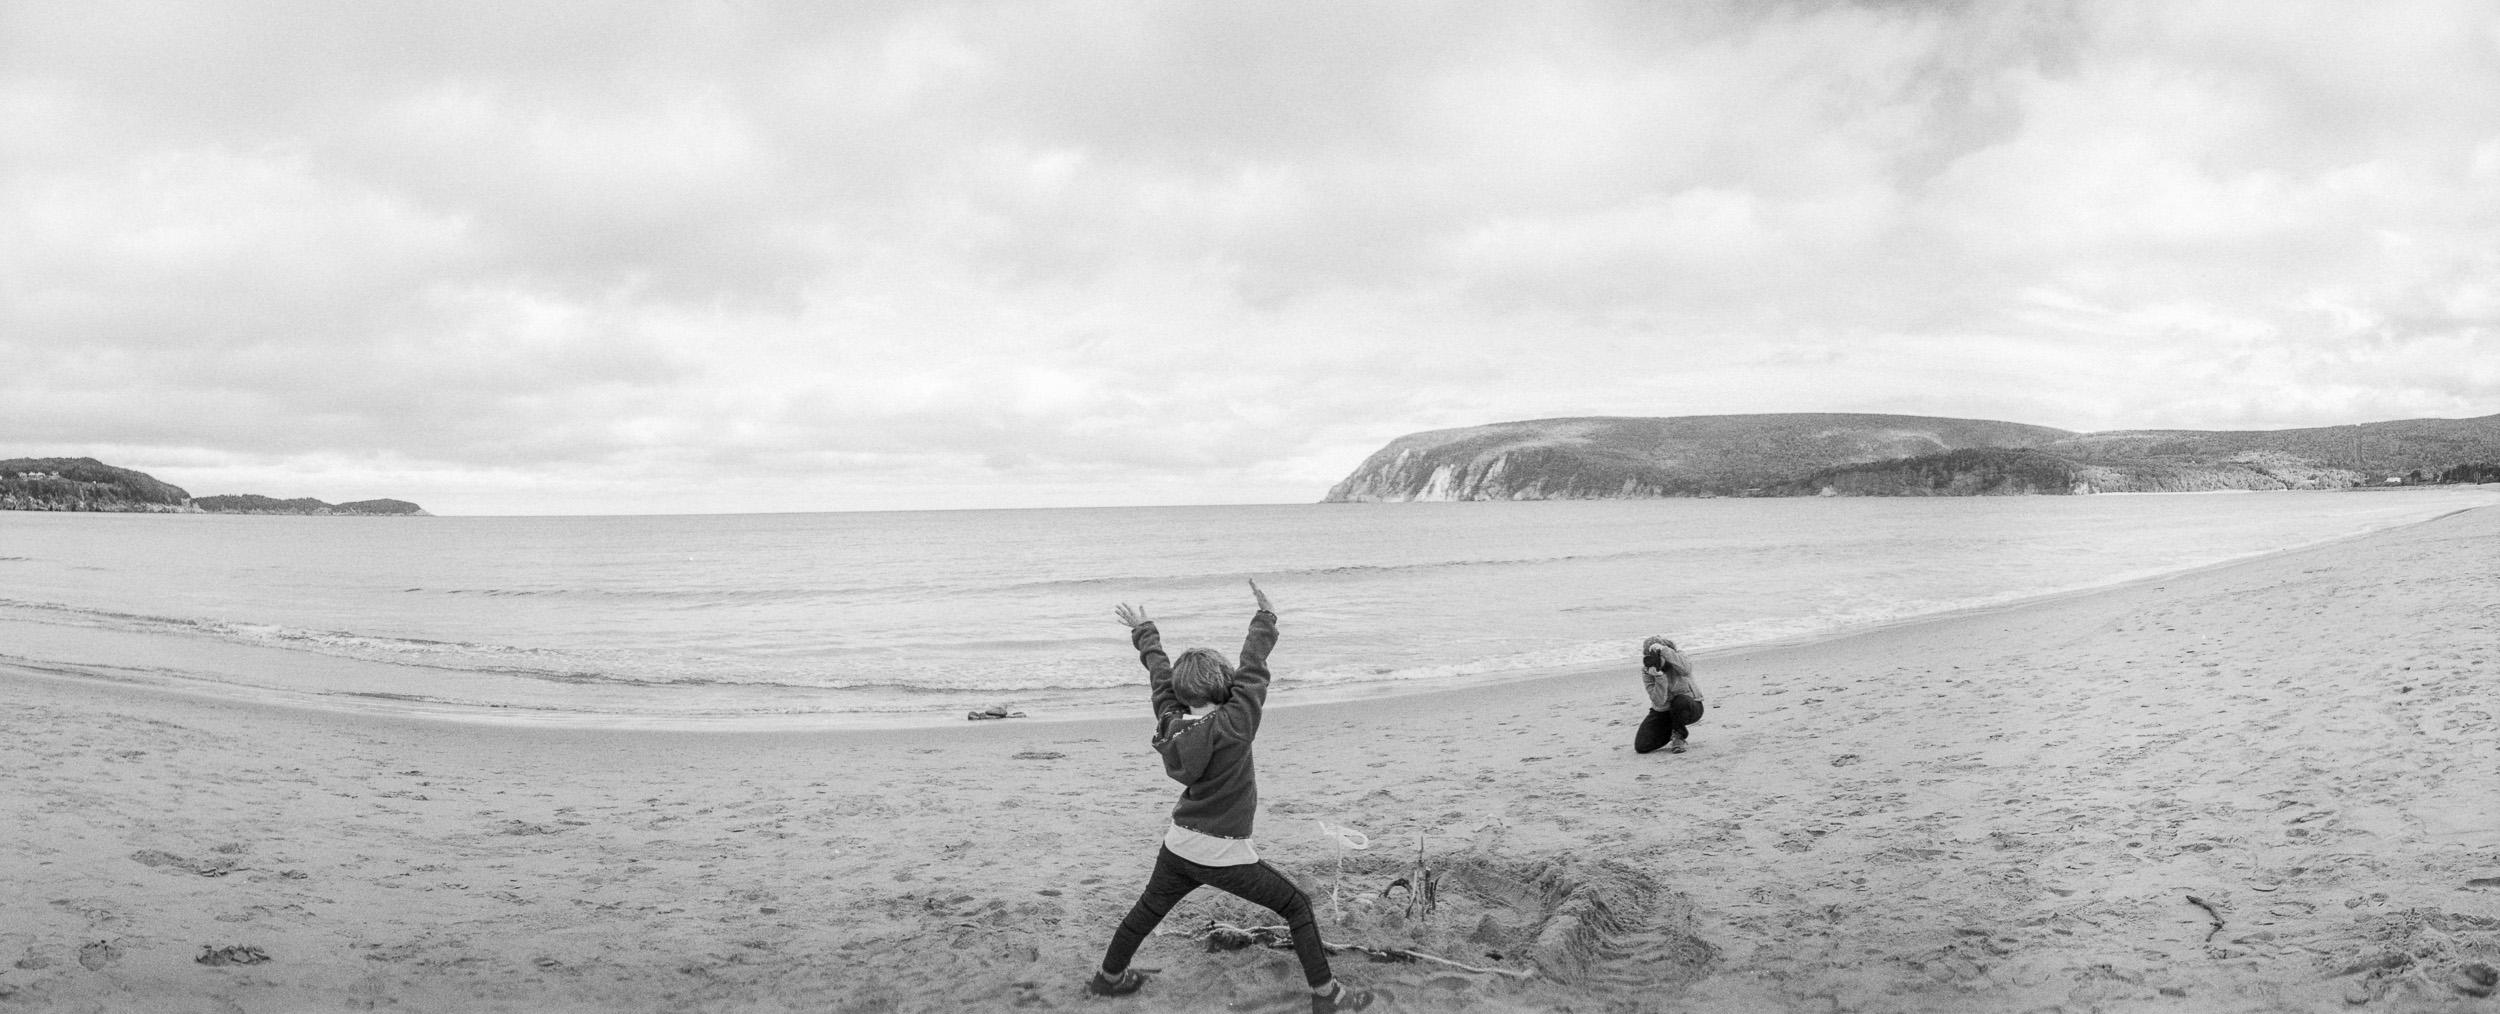 Ingonish Beach